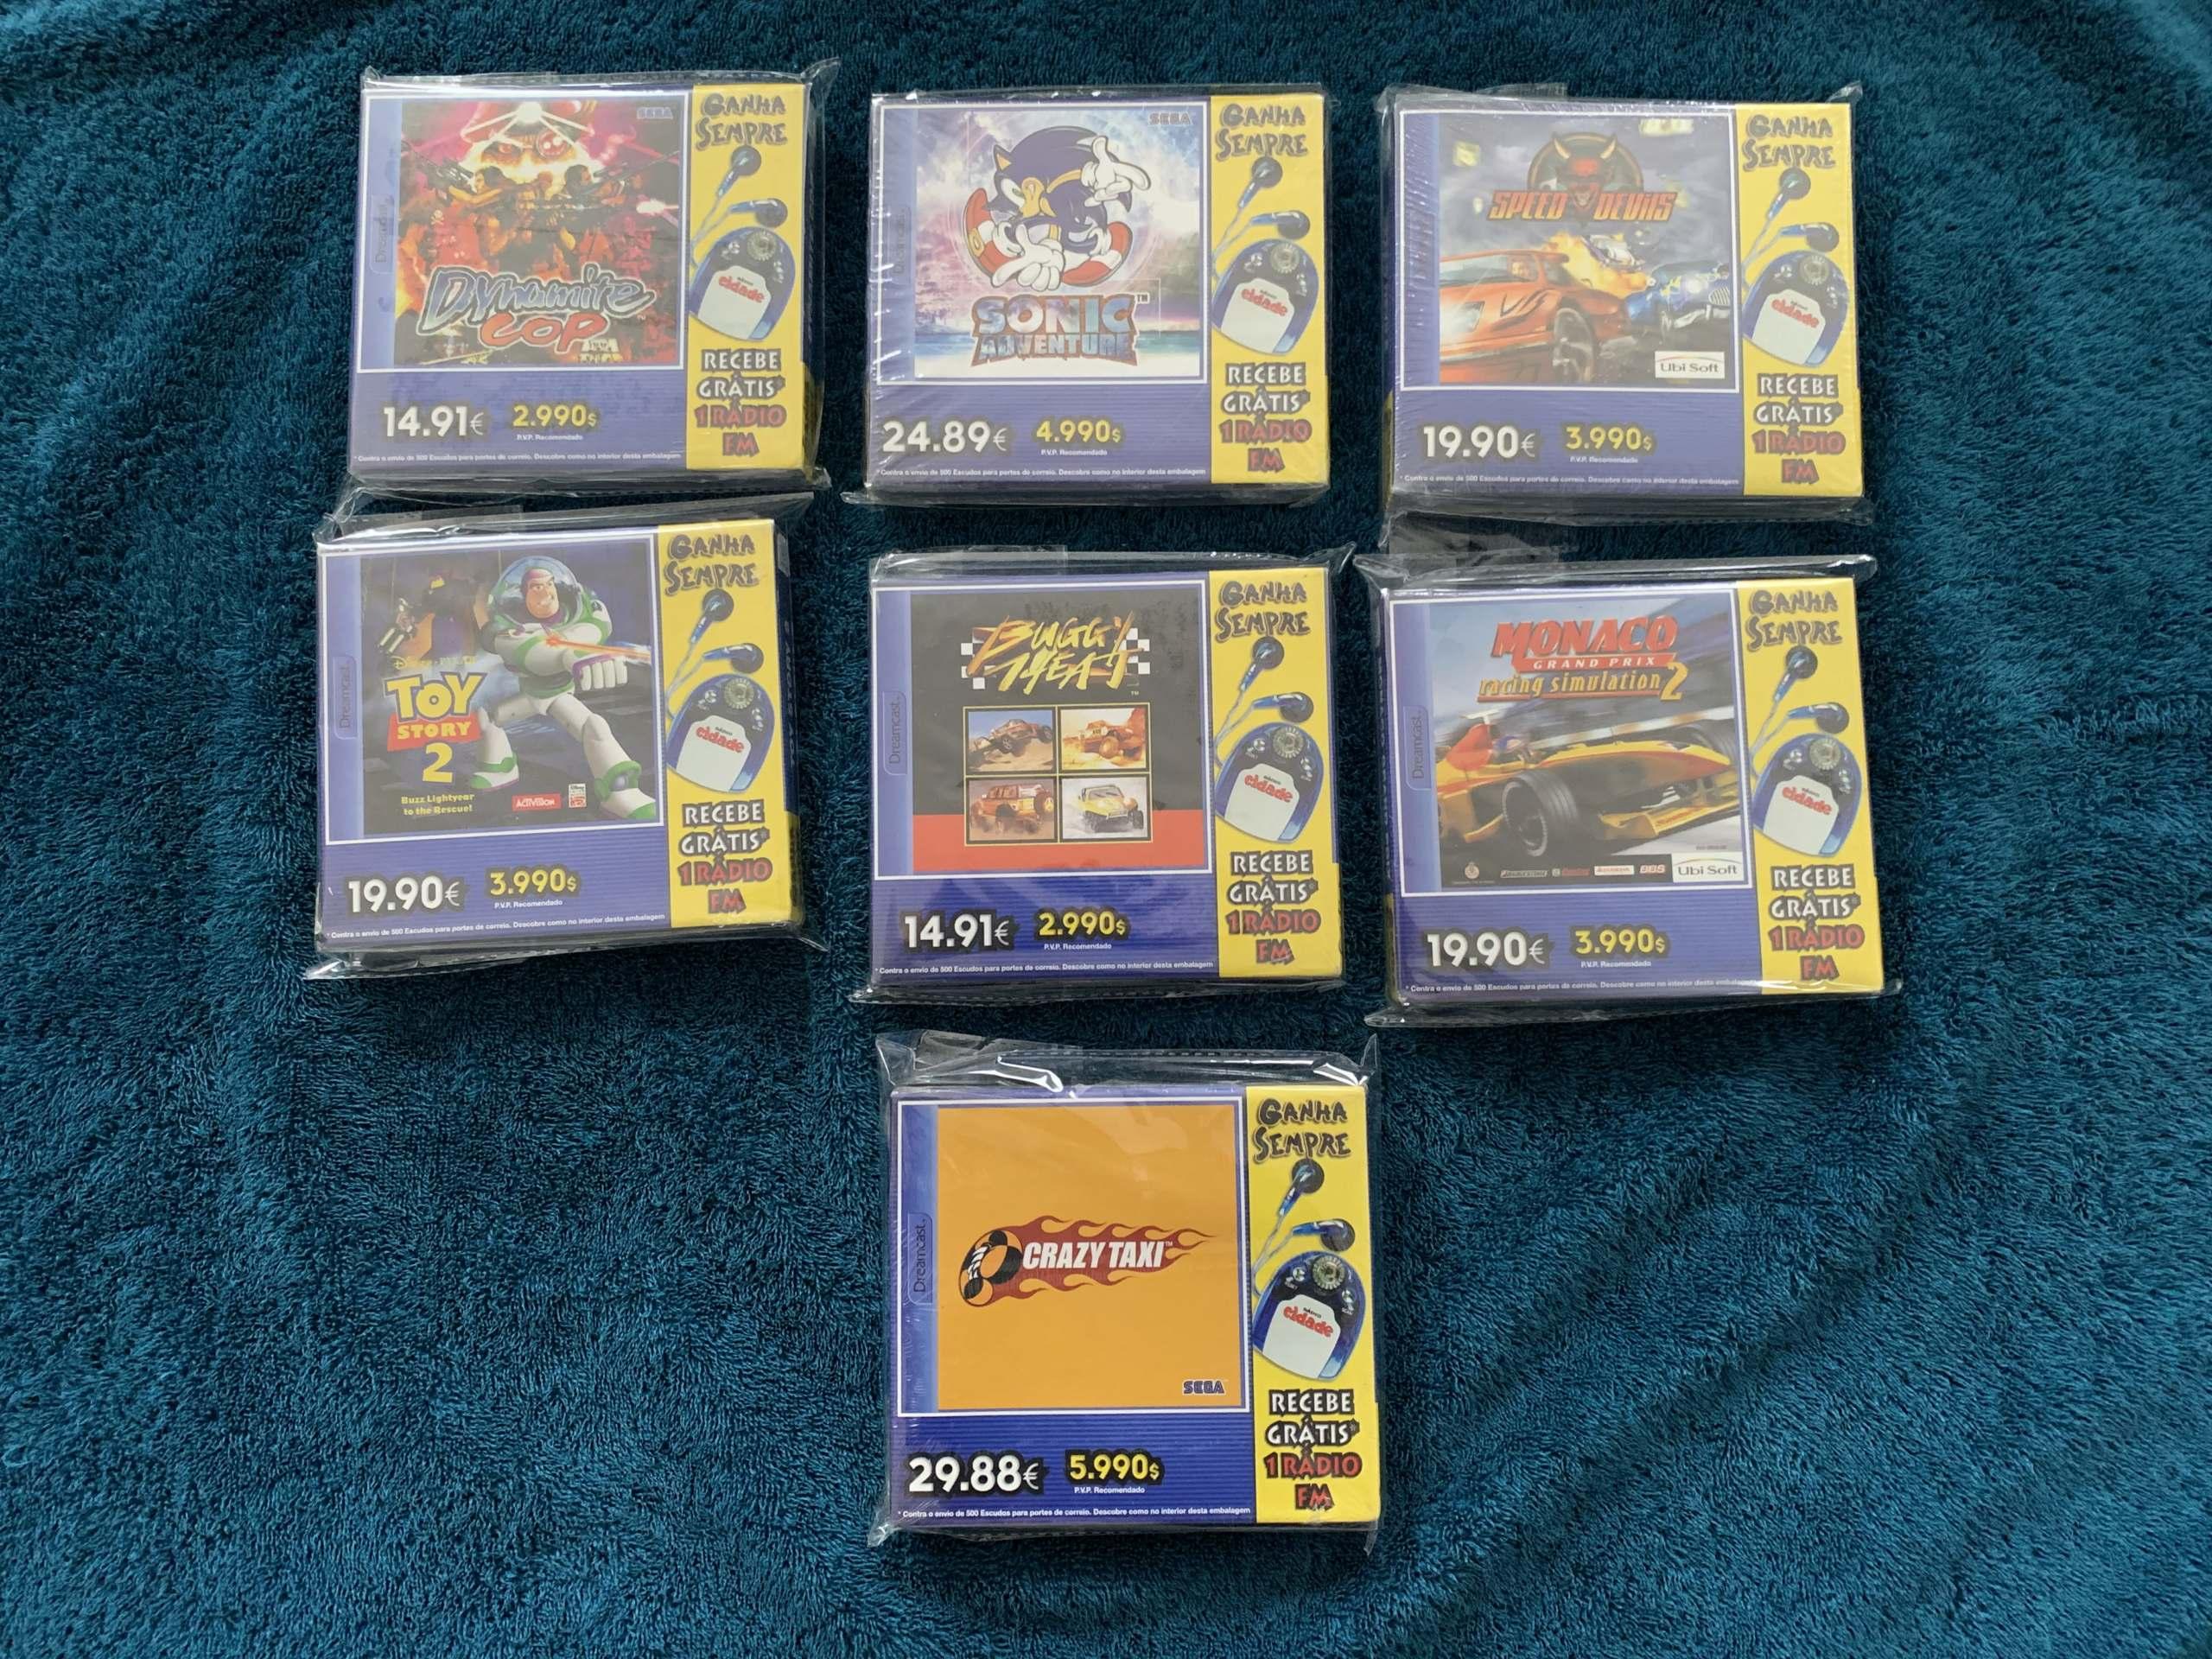 [VENDU] Fullset Jeux Dreamcast, Accessoires, Promo, Rigides... - 350 pièces - NEUF SOUS BLISTER 039_pa10